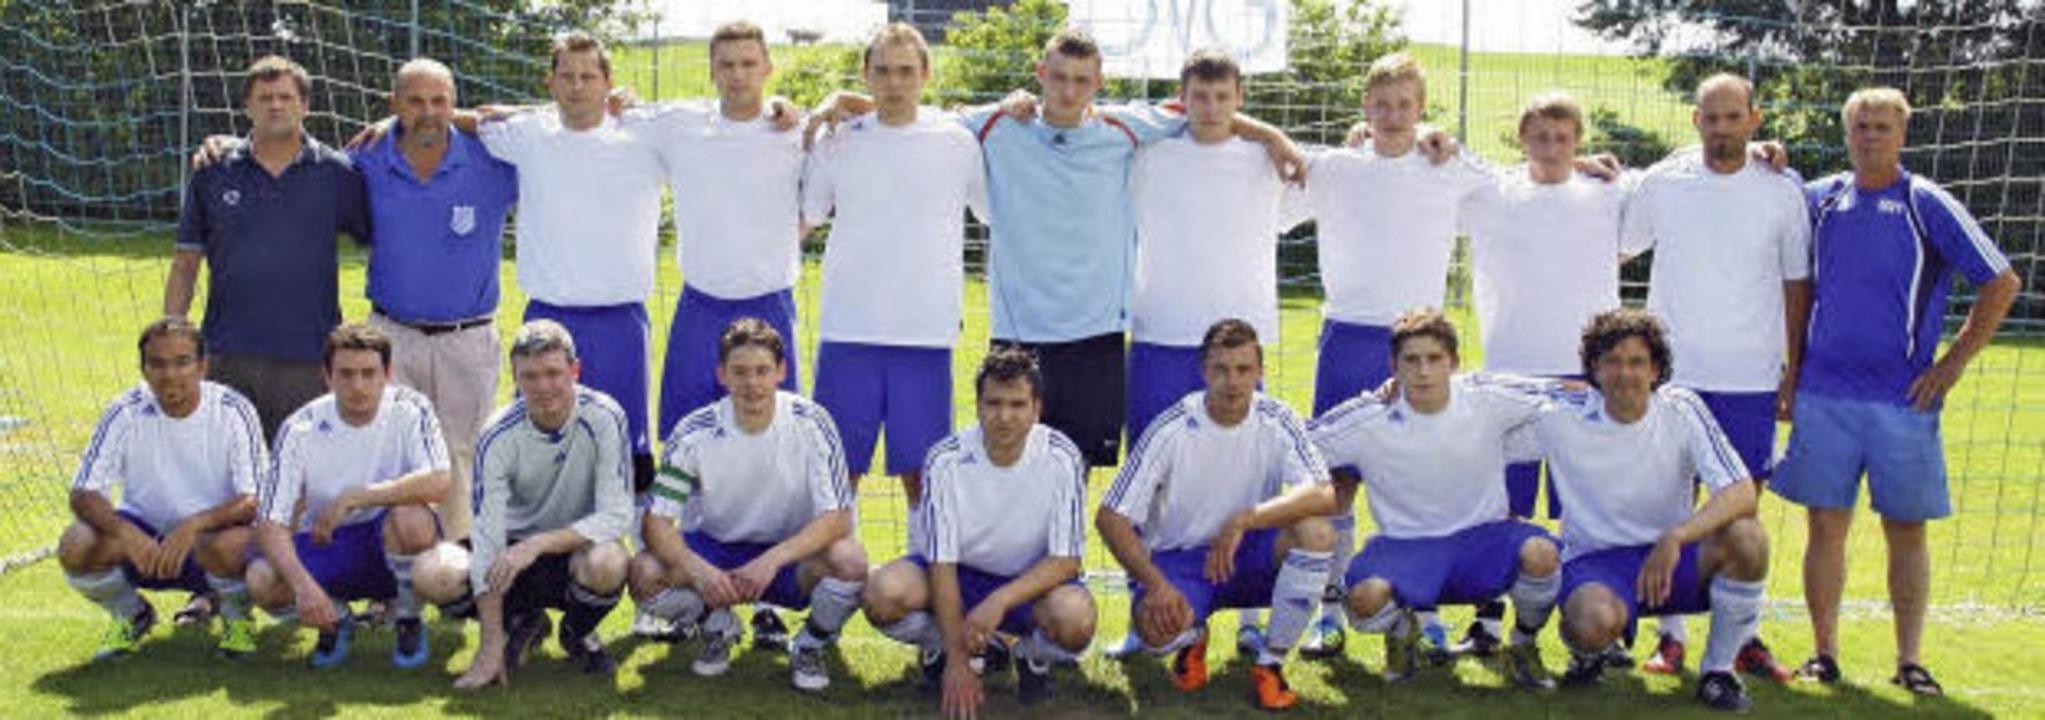 Die Mannschaft des Sportvereins Göschweiler   | Foto: Privat